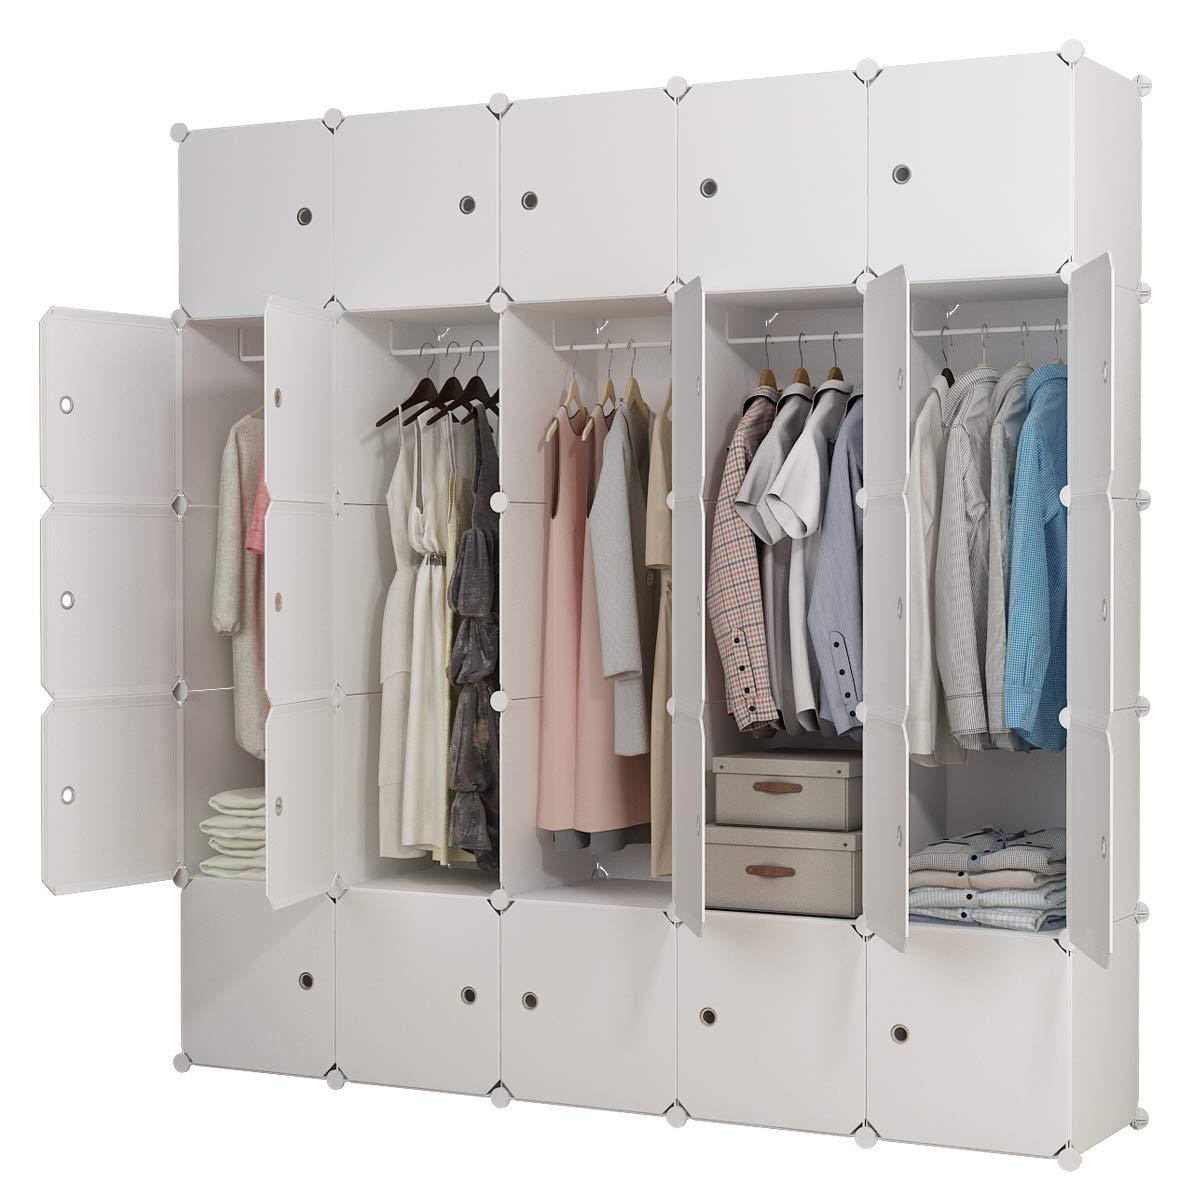 Koossy Erweiterbares Kleiderschrank mit Kategorie Aufkleber für Kinderzimmer, 185 x 47 x 185 cm, Weiß